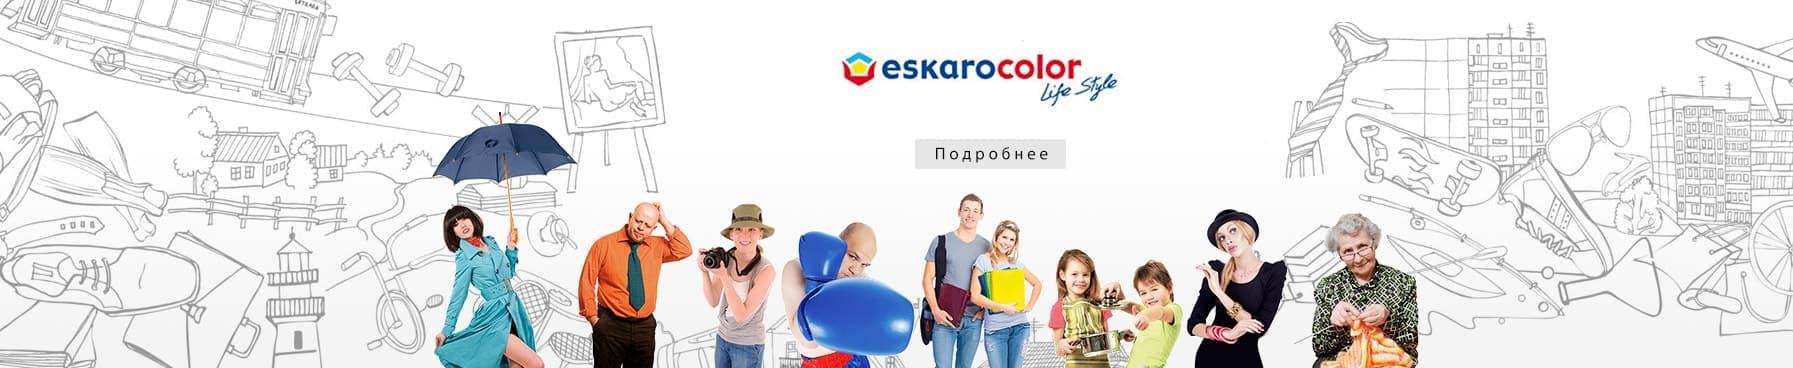 Eskaro LifeStyle, колеровка красок AURA, Eskaro